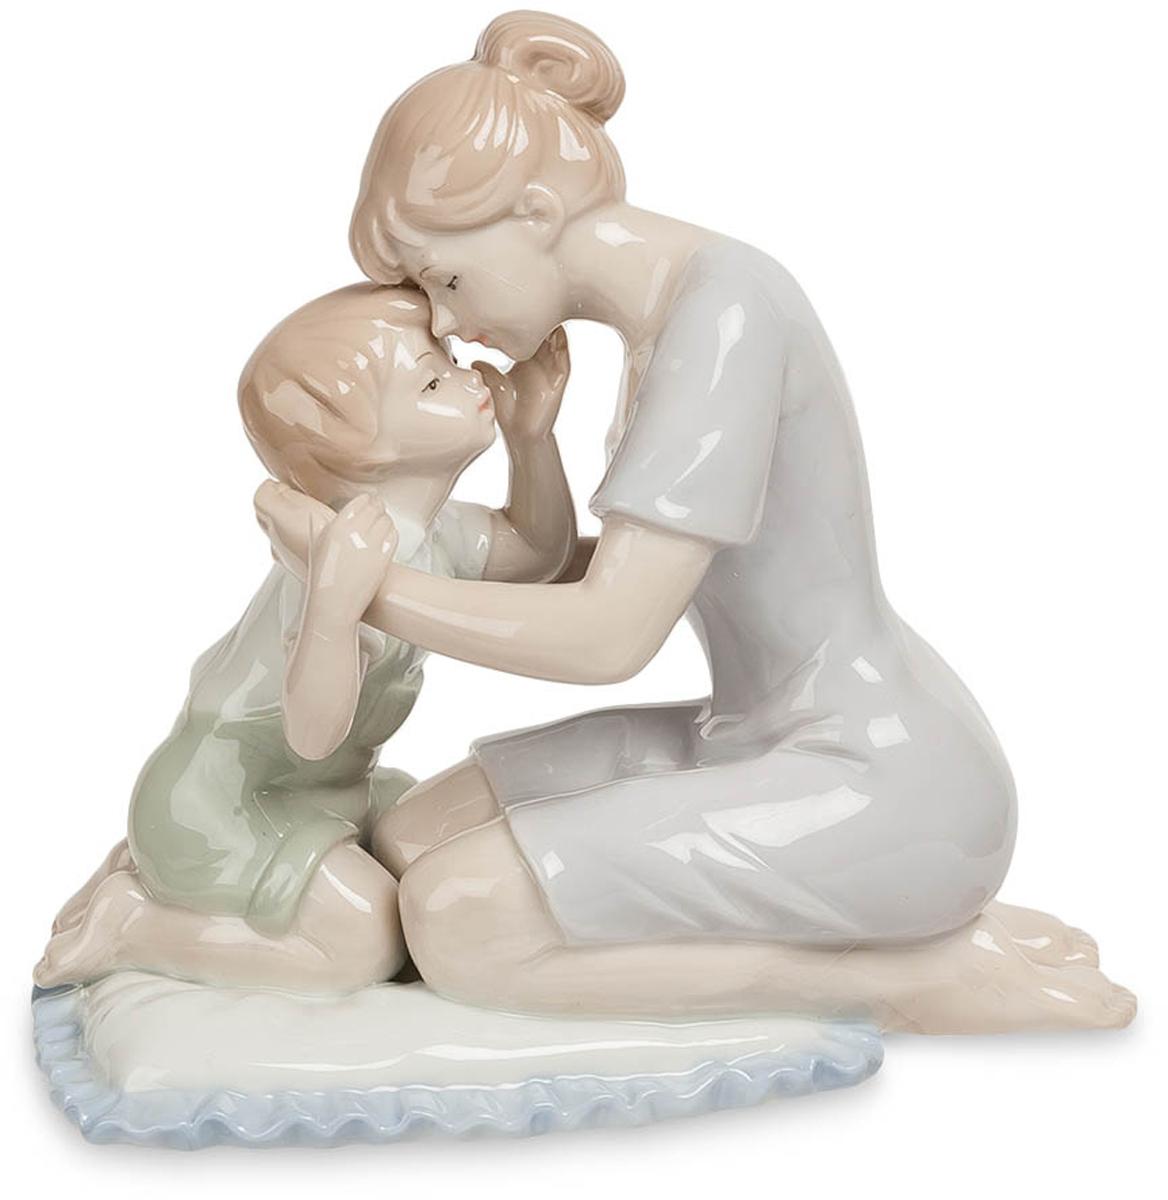 Статуэтка декоративная Pavone Мать с сыном, высота 14,5 смPARADIS I 75013-3C ANTIQUEДекоративная статуэтка Pavone Мать с сыном станет оригинальным подарком для всех любителей стильных вещей. Она выполнена из высококачественного фарфора в виде матери с сыном. Изысканный сувенир станет прекрасным дополнением к интерьеру. Вы можете поставить статуэтку в любом месте, где она будет удачно смотреться и радовать глаз. Размер статуэтки: 15,5 х 8,5 х 14,5 см.